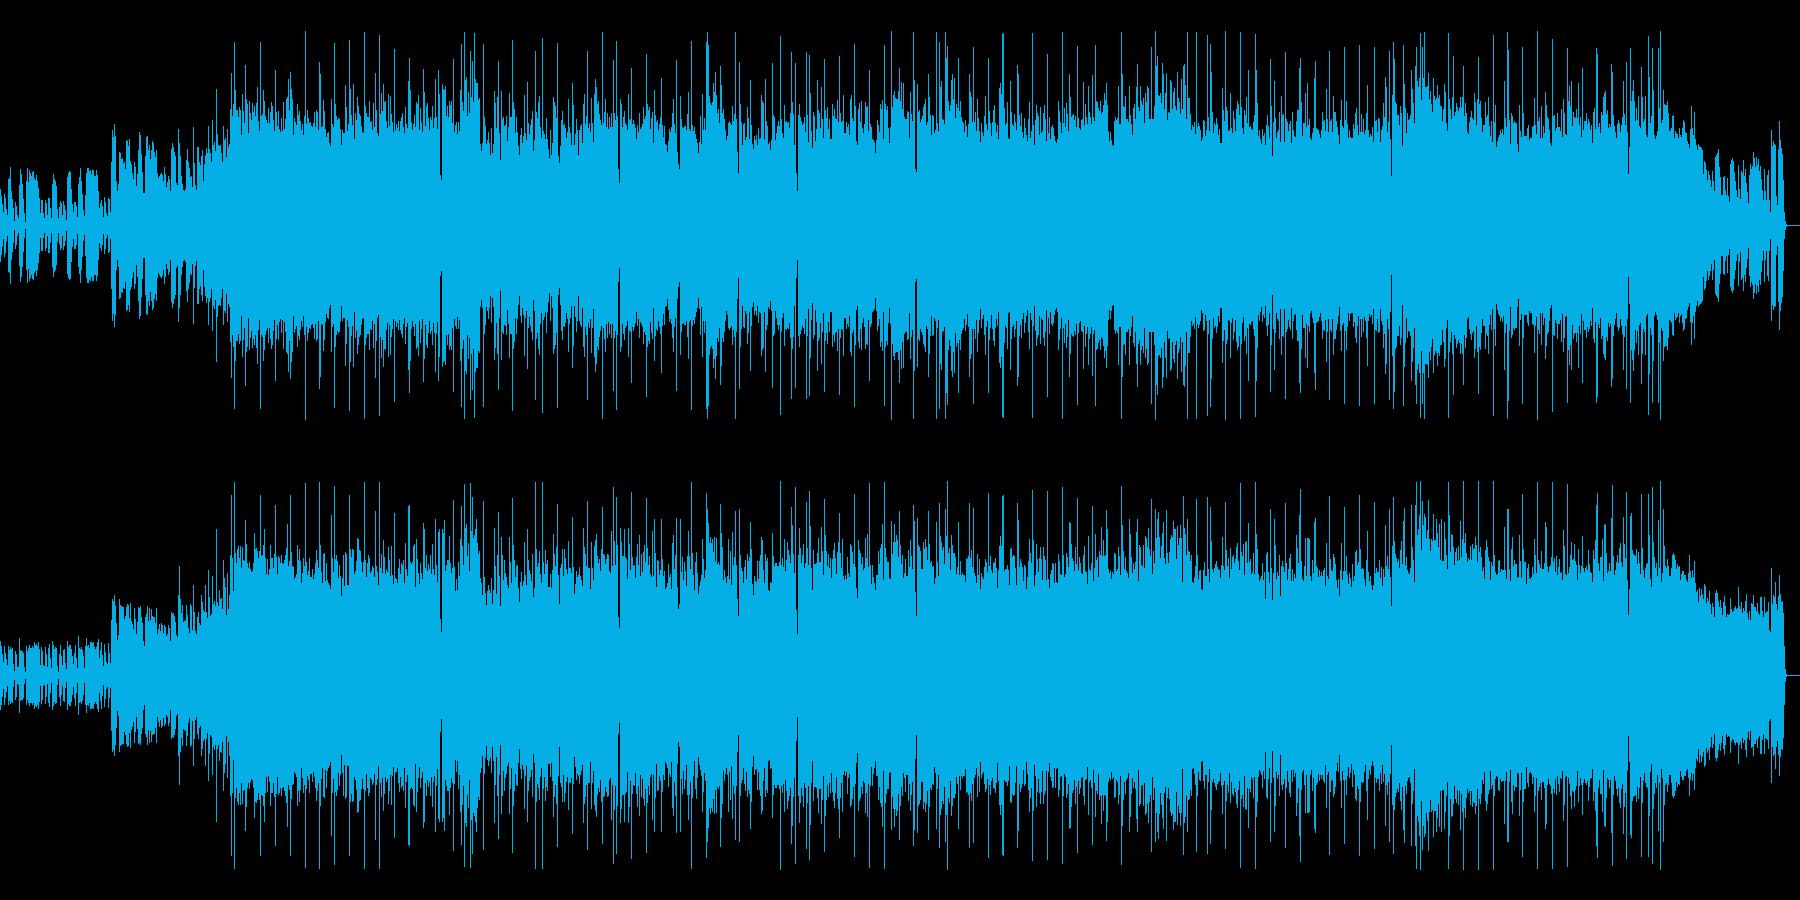 インパクトあるギター旋律のロックポップの再生済みの波形